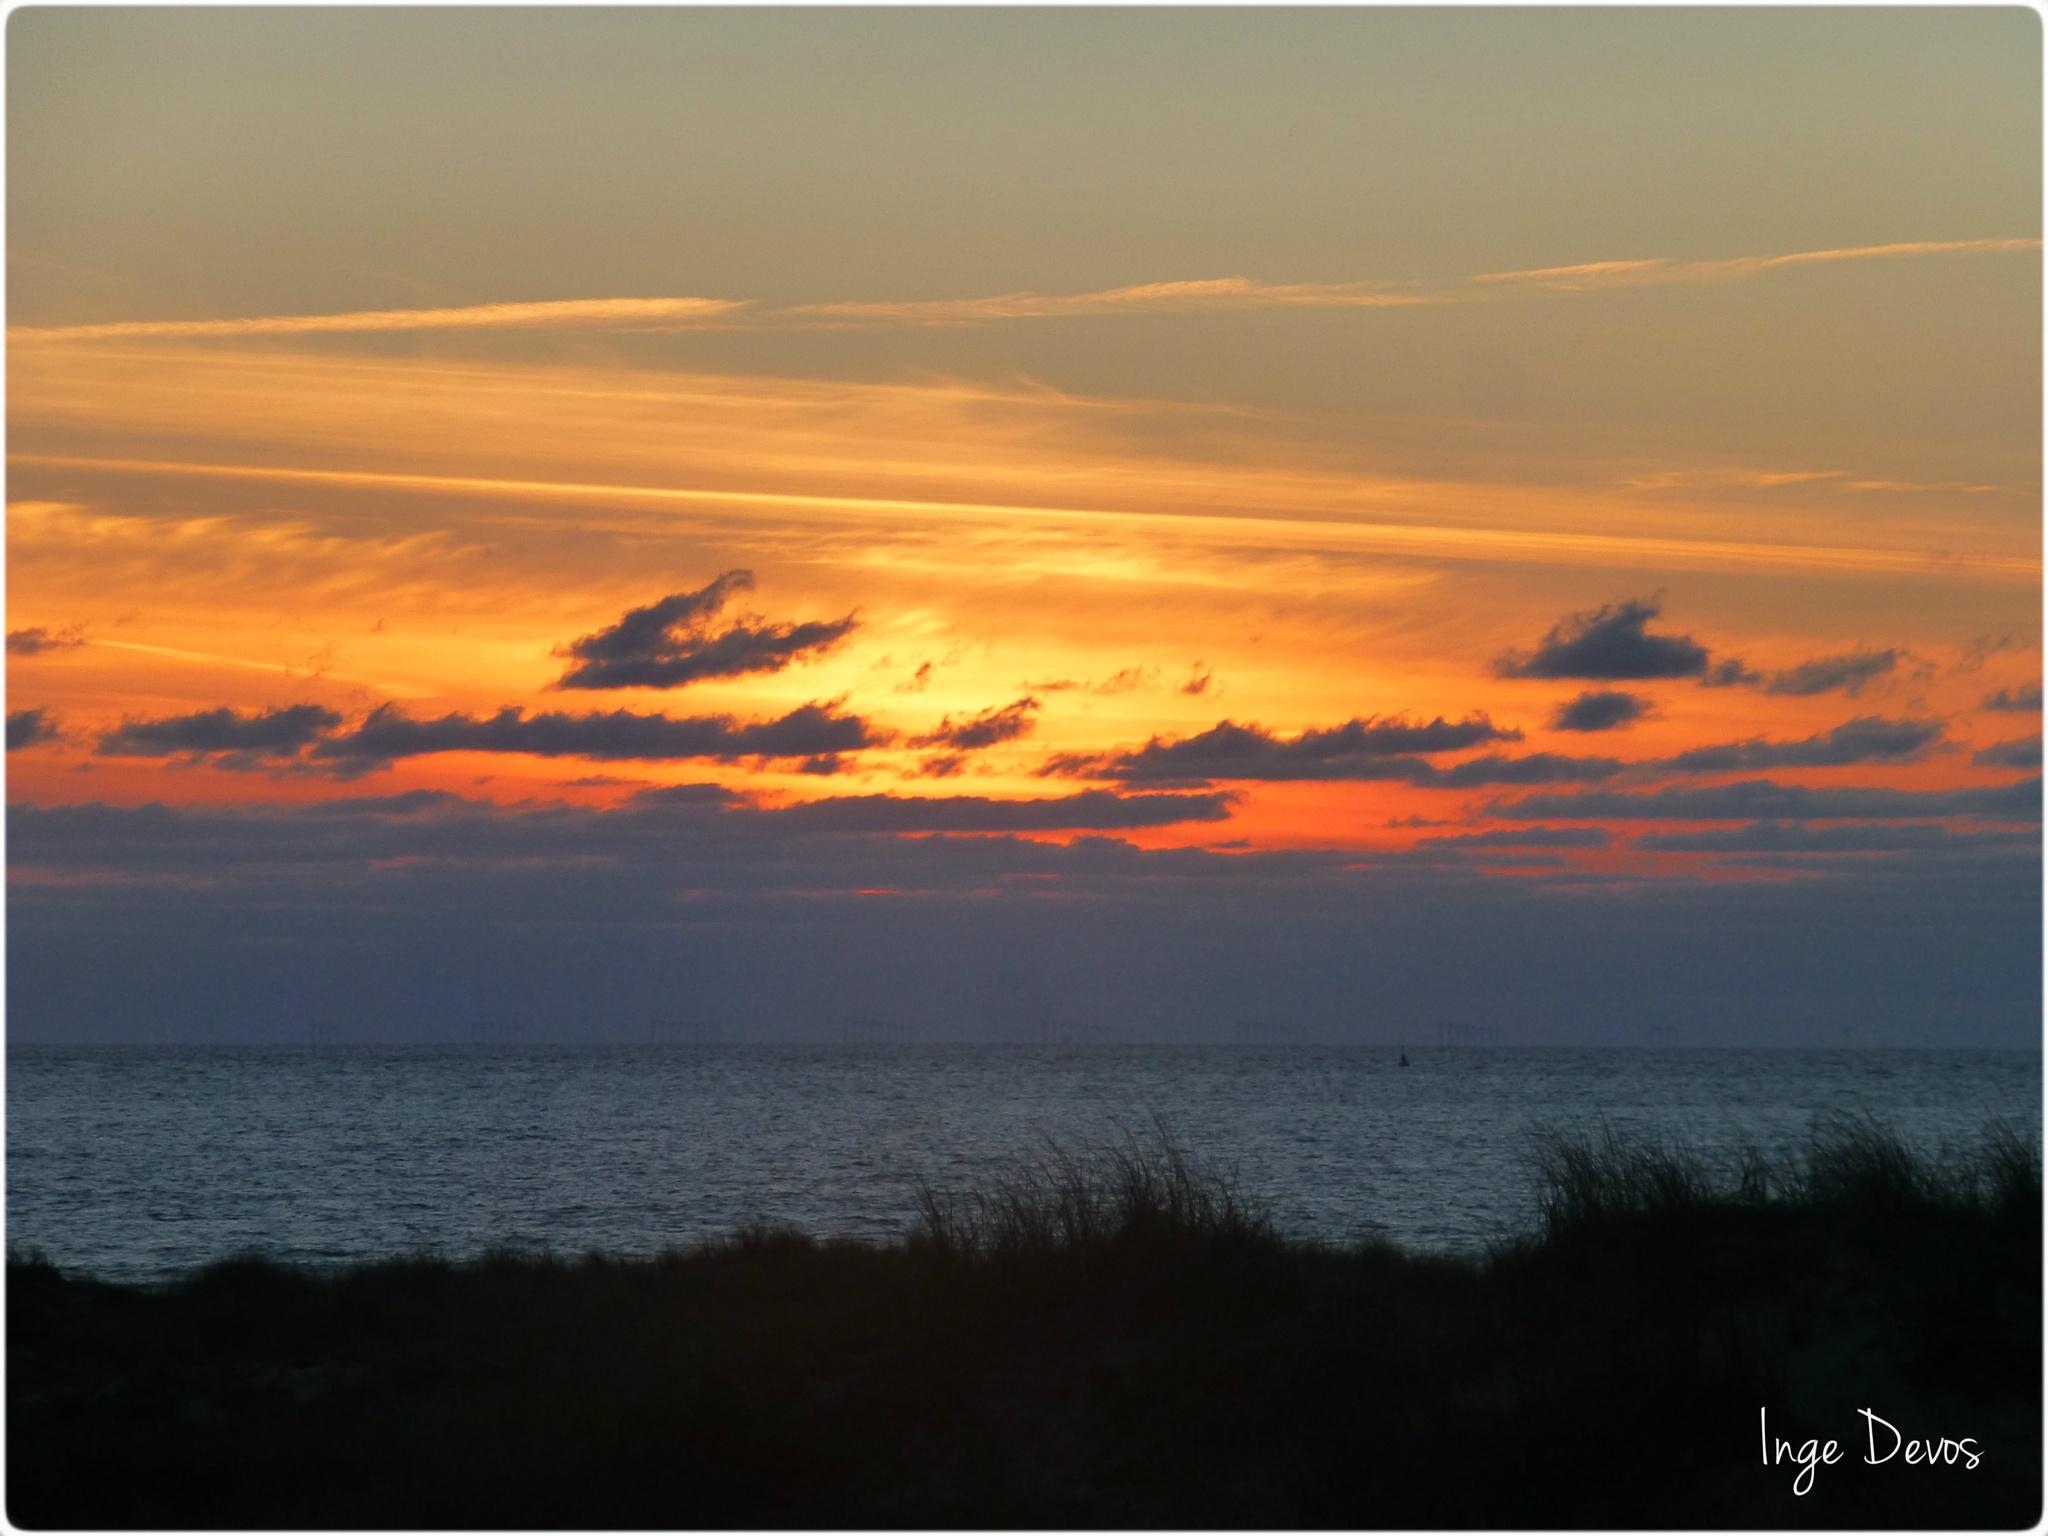 Sunset - Wijk aan Zee (Netherlands - Coast)  by Inge Devos